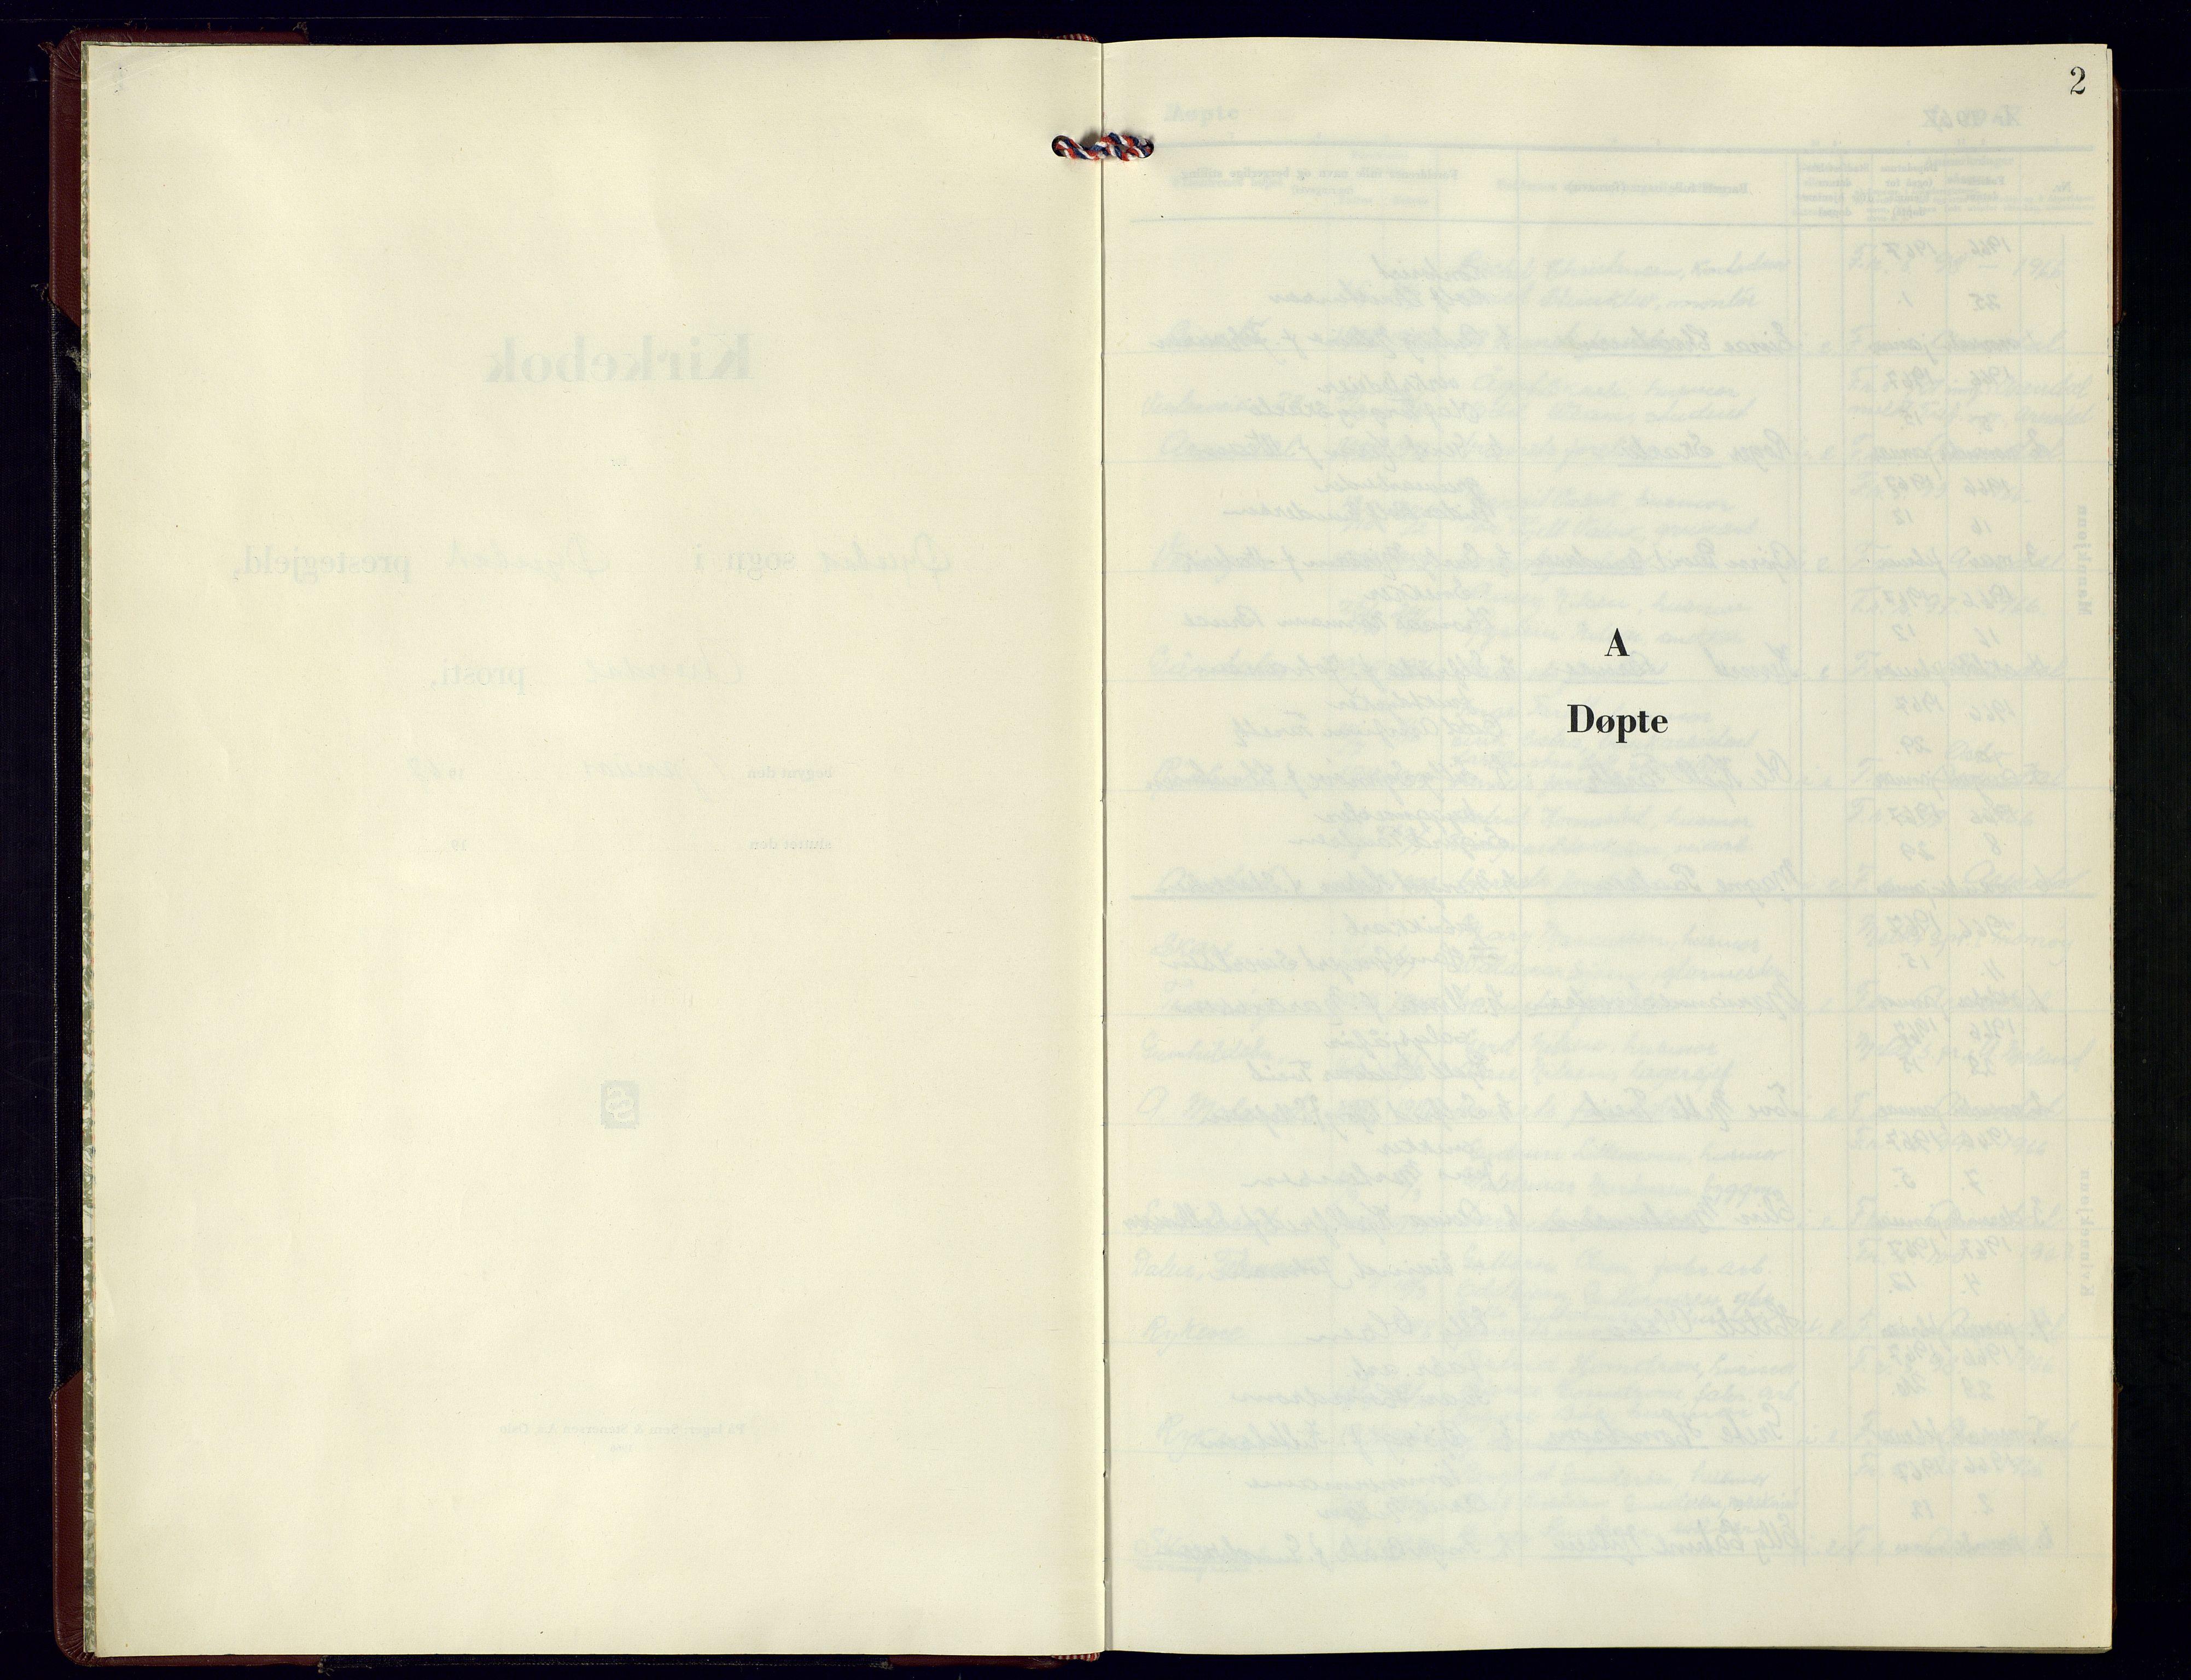 SAK, Øyestad sokneprestkontor, F/Fb/L0015: Klokkerbok nr. B-15, 1961-1976, s. 2